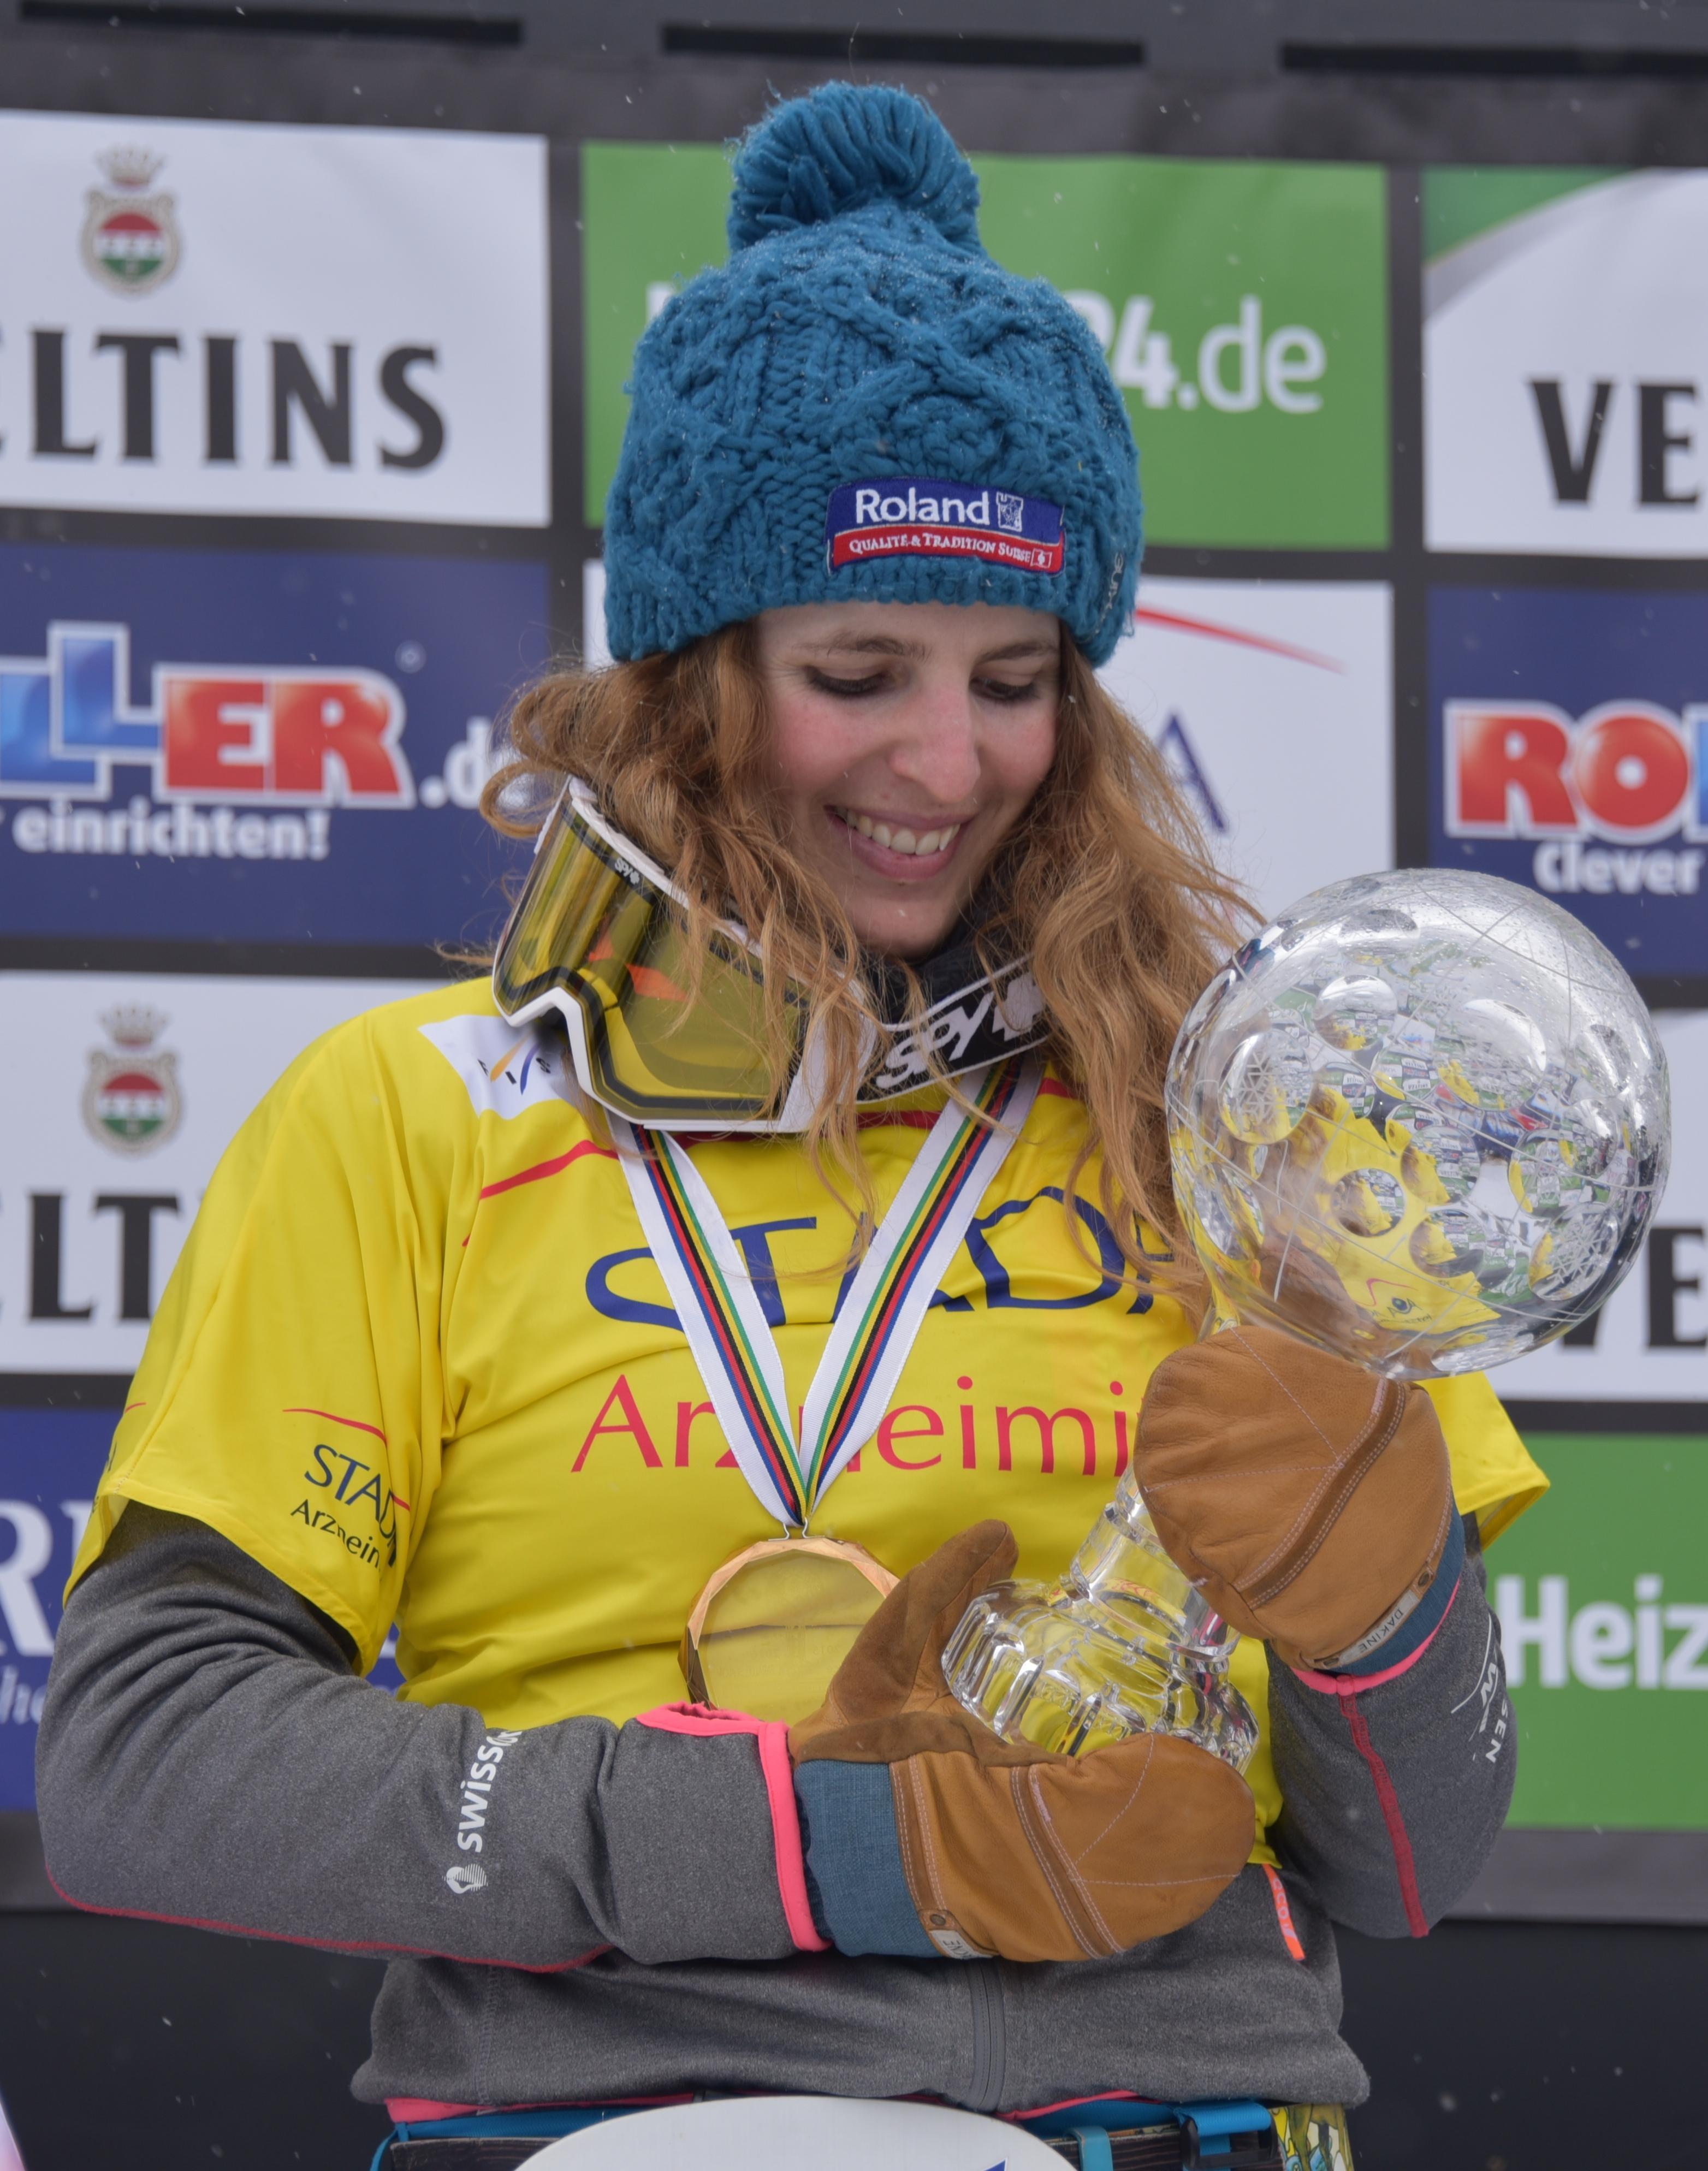 Patrizia Kummer freut sich über ihre 7. Kristallkugel im März 2016 beim Rennen in Winterberg.